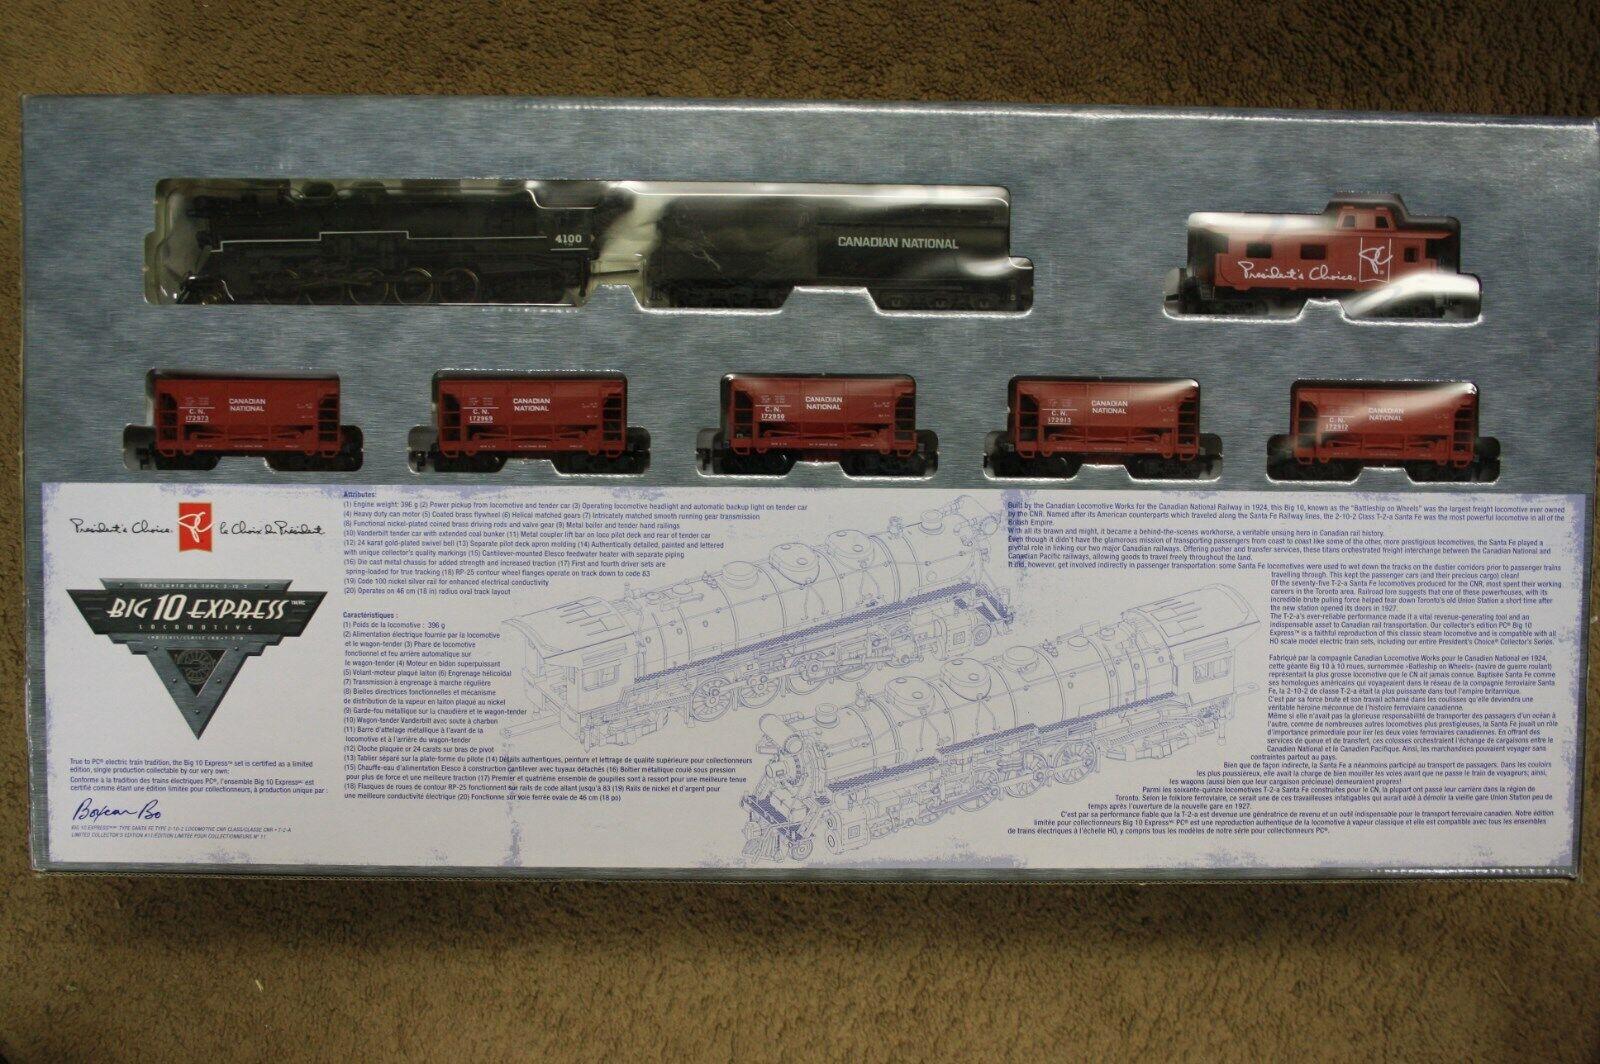 El presidente's Choice 2-10-2 Grande 10 Express Tipo de Santa Fe Locomotora cn Ho 1 87